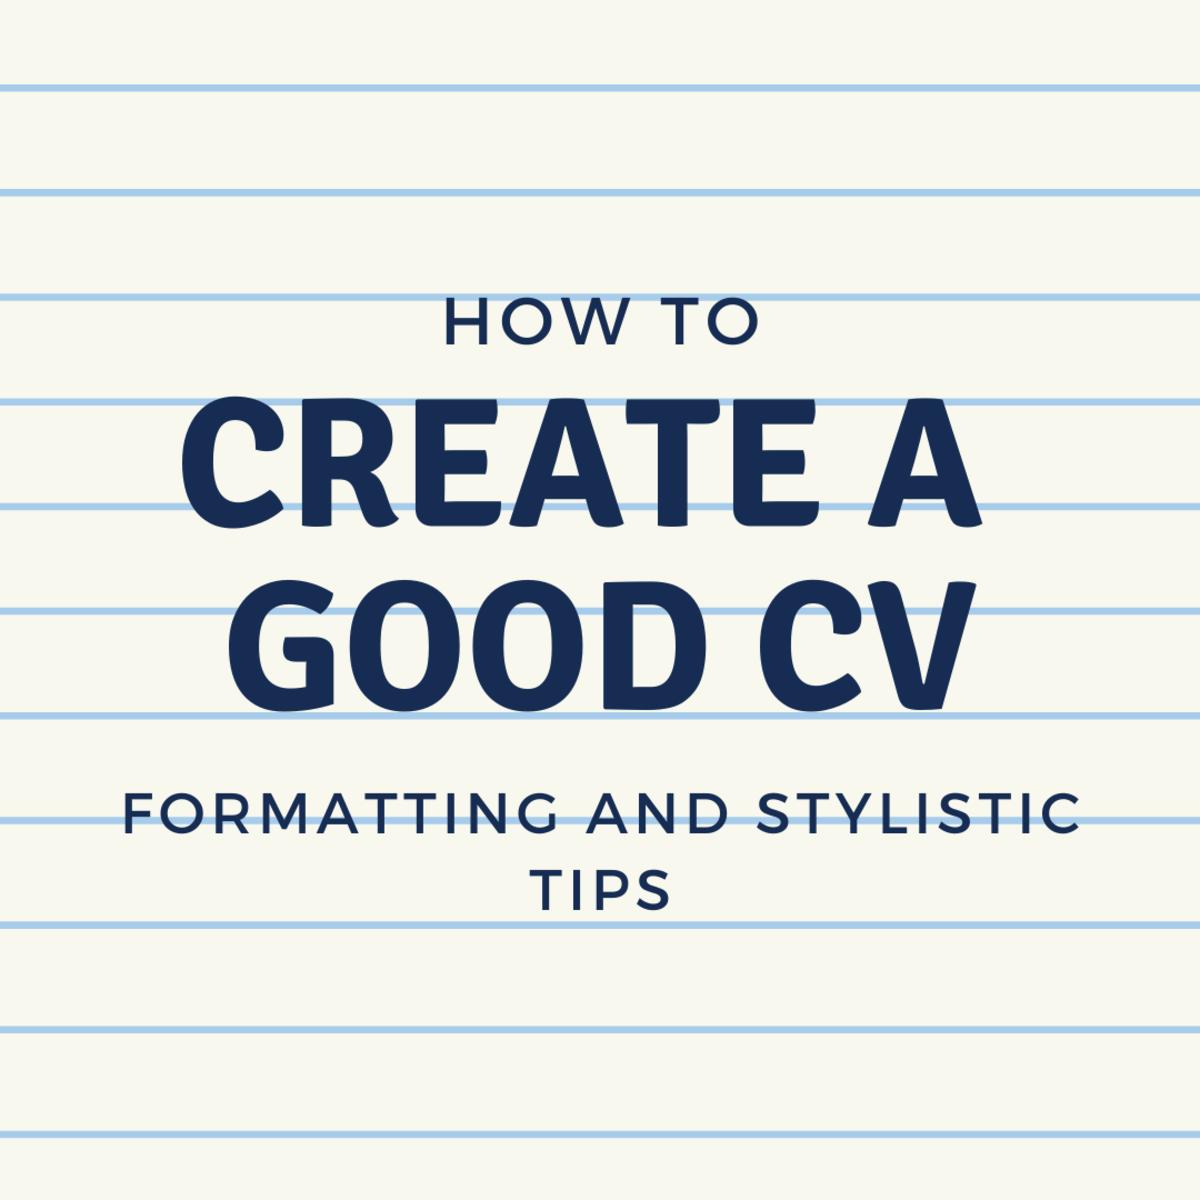 How to Arrange and Write a Good CV